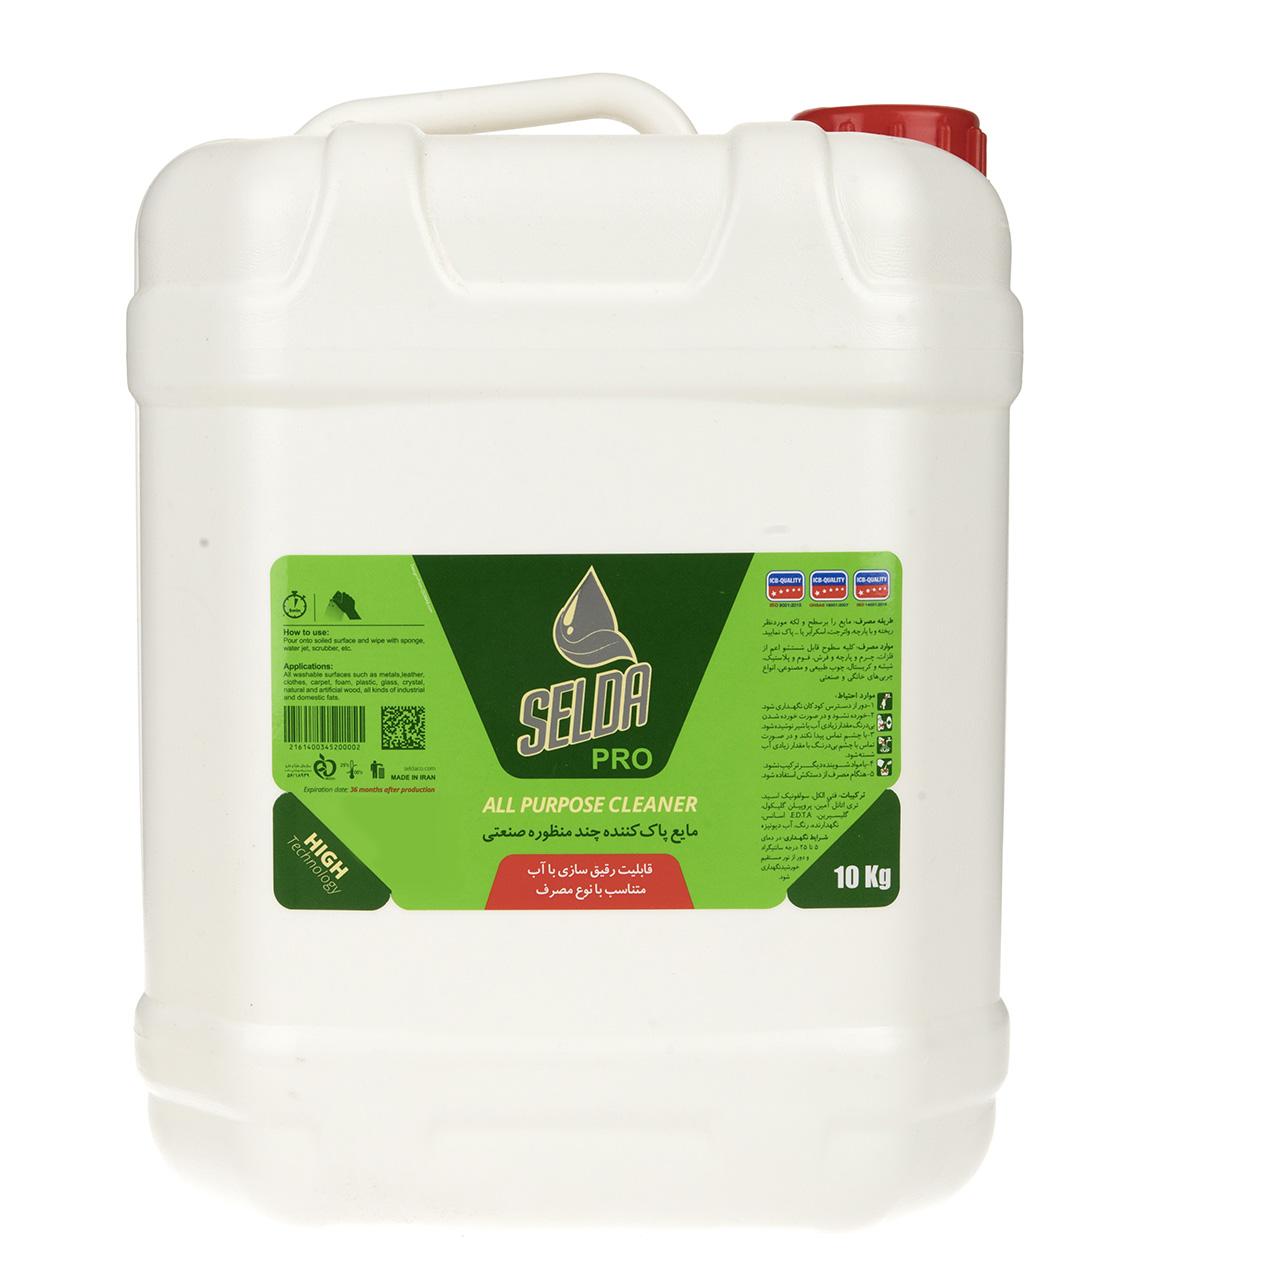 پاک کننده چند منظوره صنعتی سلدا پرو سری High Technology مدل سبز مقدار 10 کیلوگرم